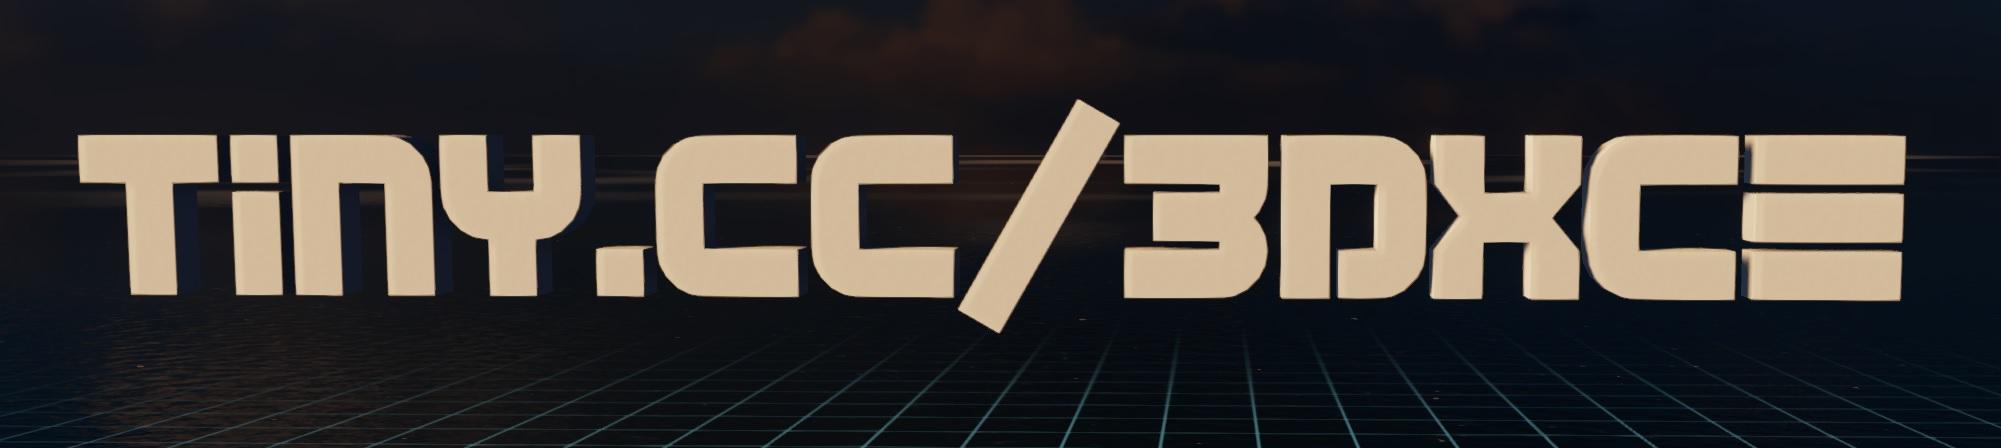 tiny cc 3DXCE